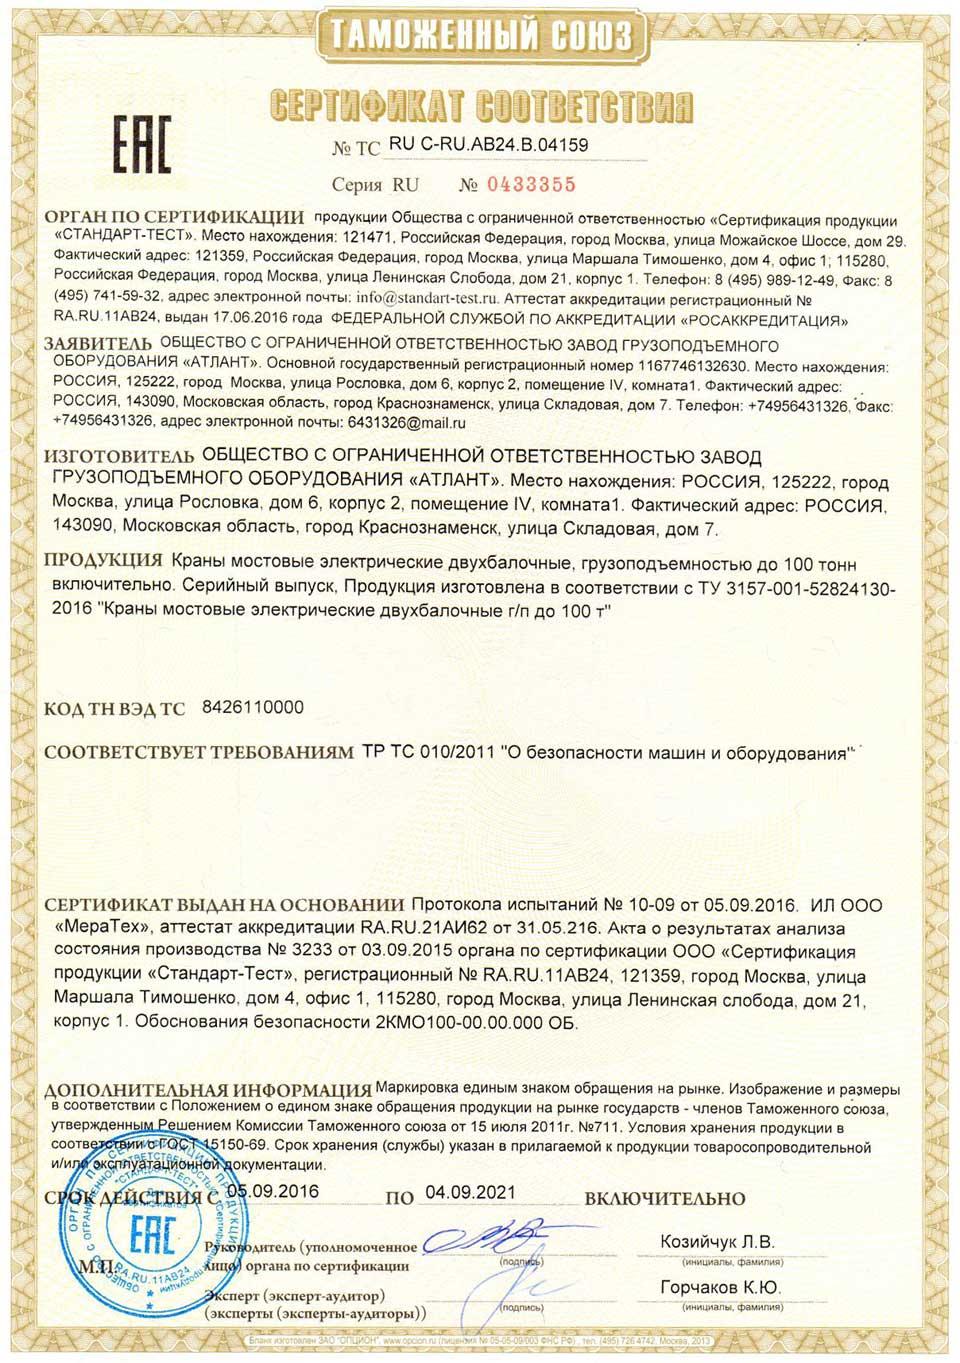 mostovoj sert2 - Кран мостовой специальный магнитно-грейферный